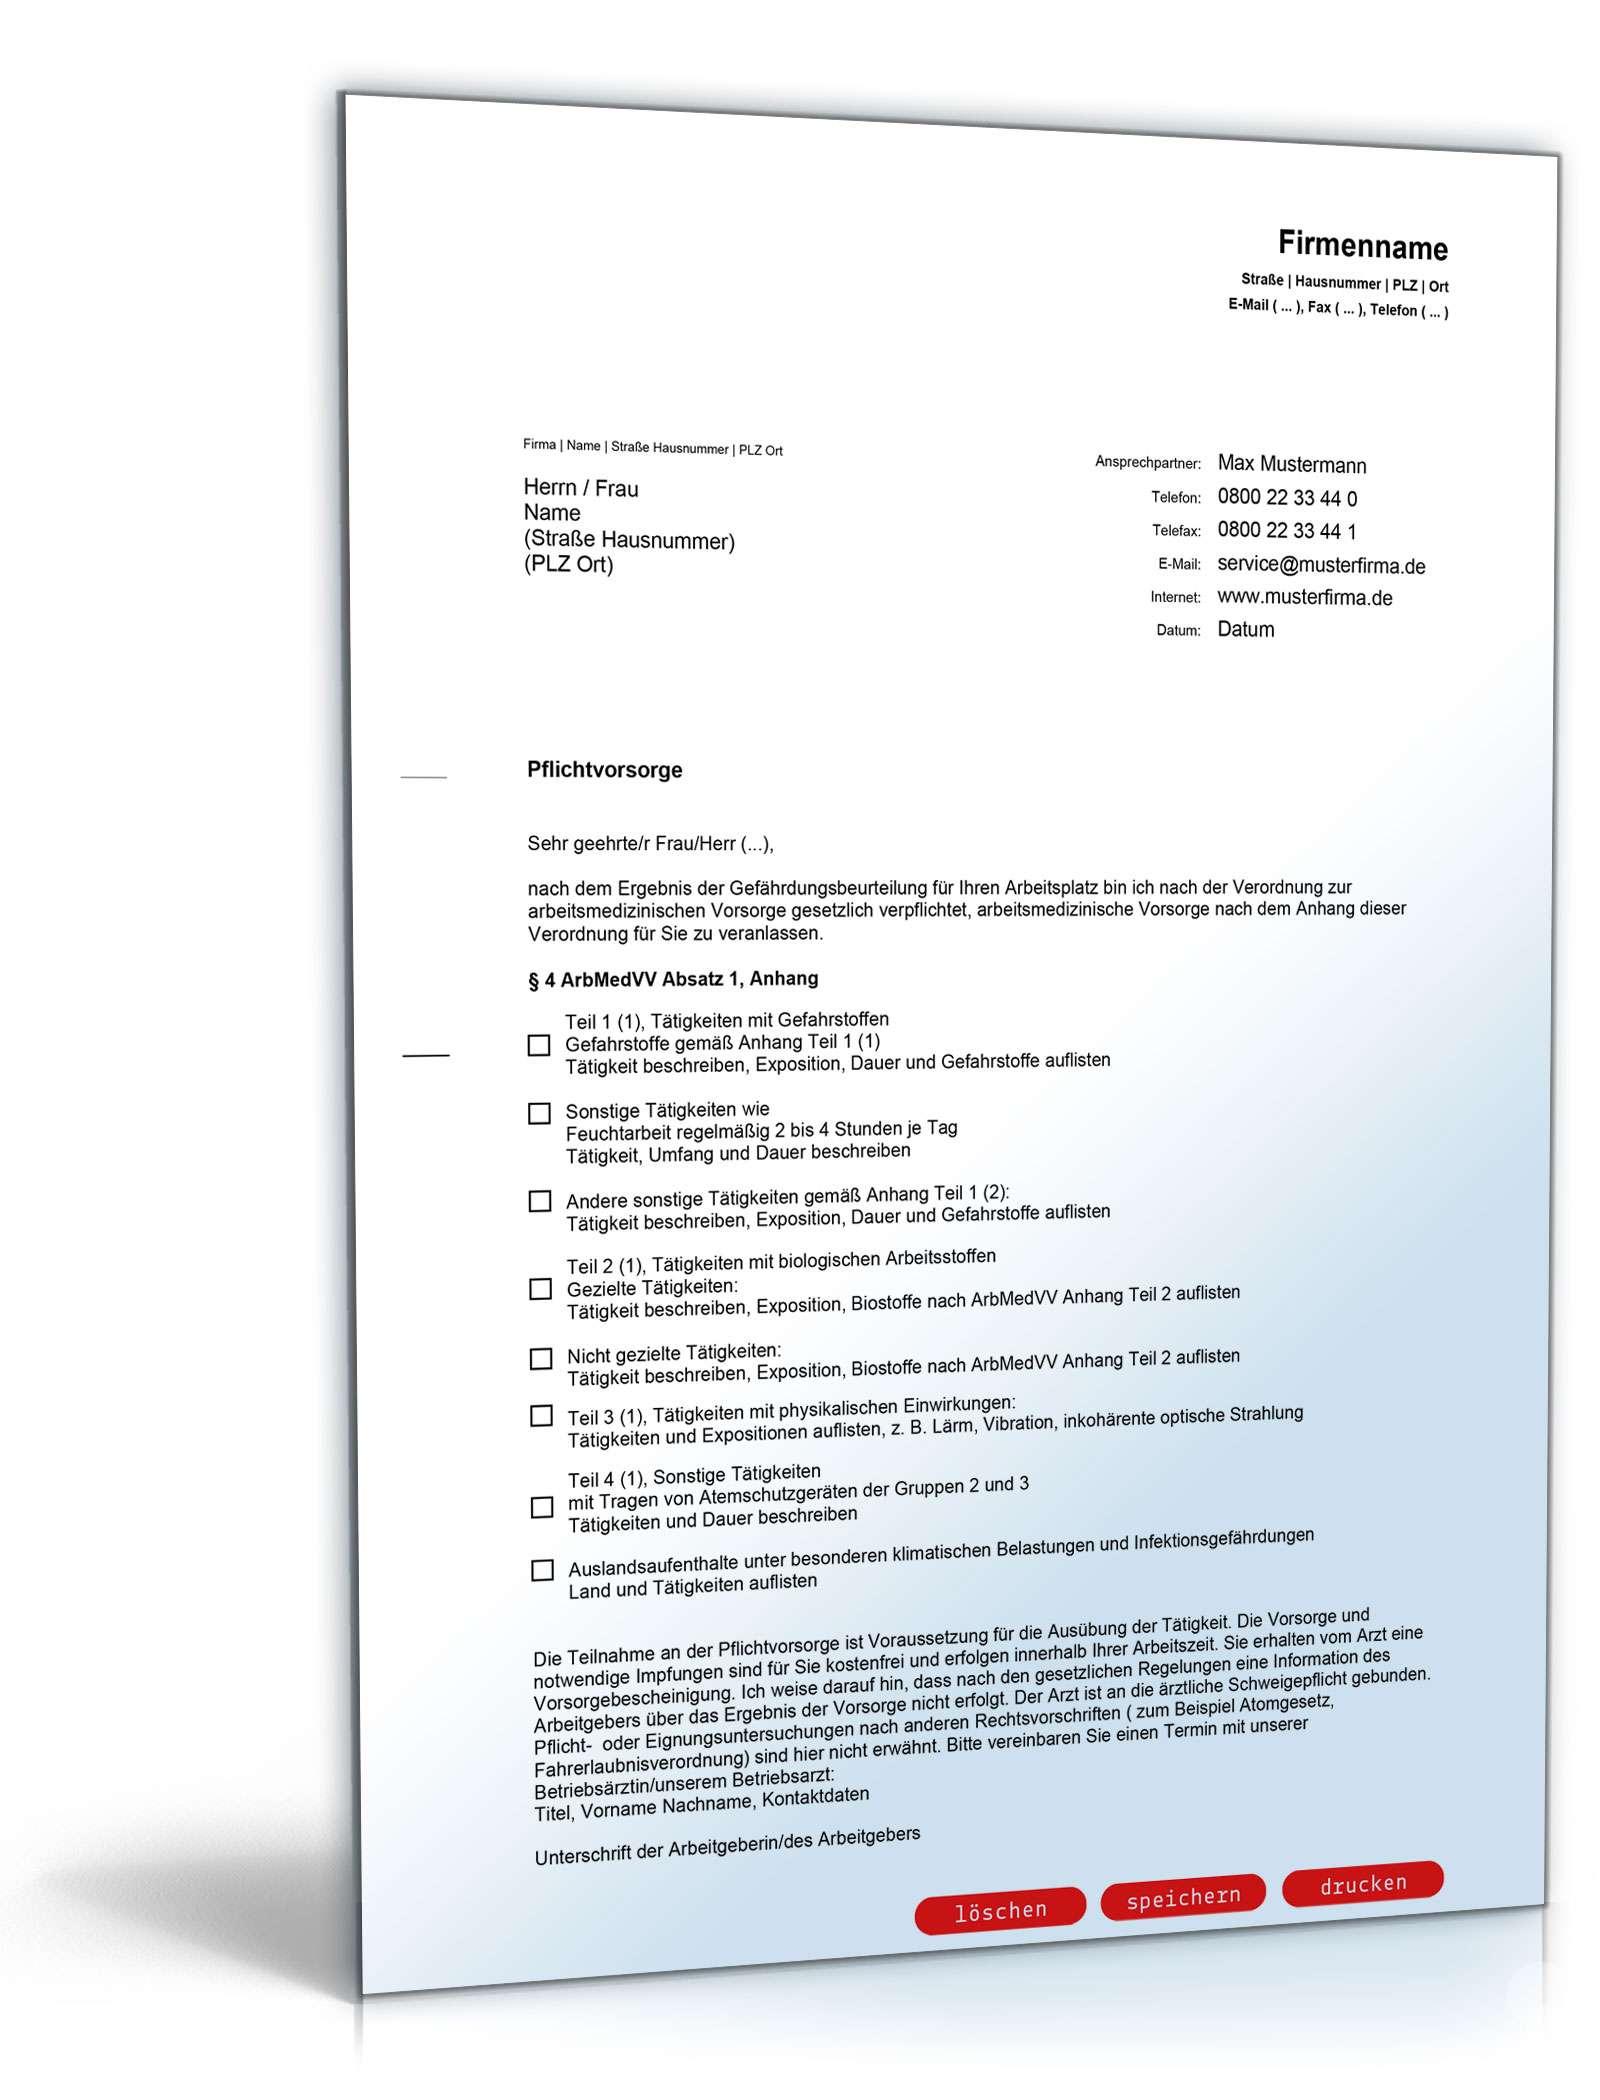 Anschreiben Arbeitsmedizinische Pflichtvorsorge Vorlage Zum Download